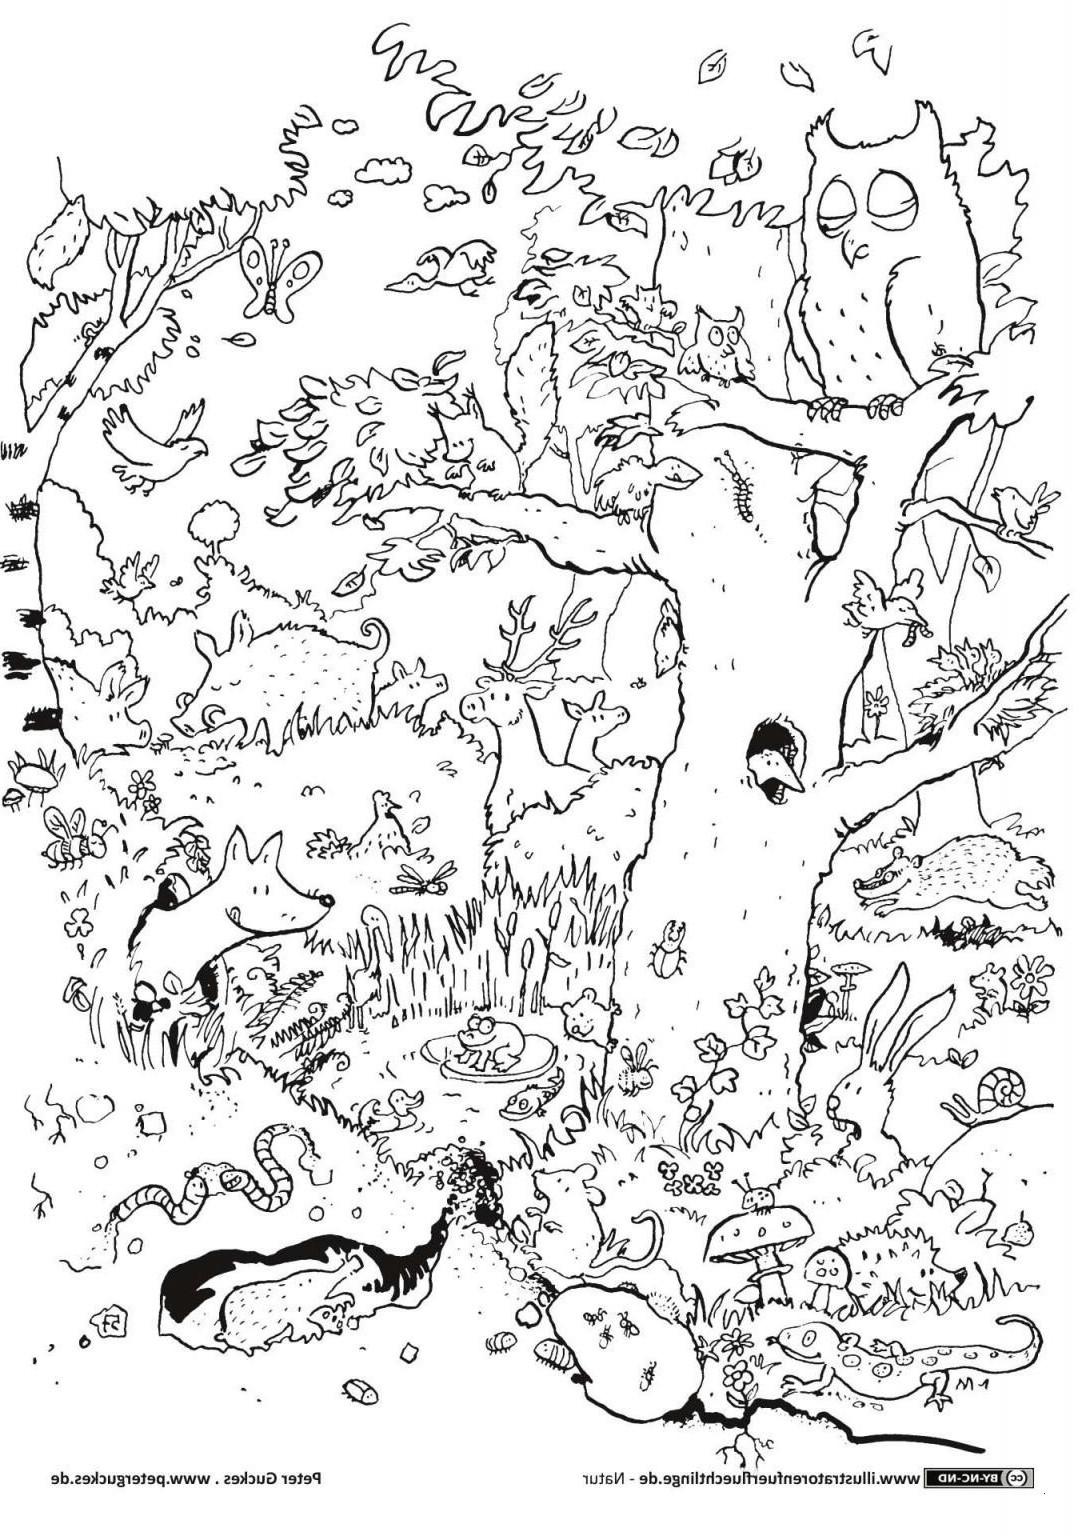 Ausmalbilder Ninjago Pythor Genial 26 Fantastisch Ninjago Pythor Ausmalbilder – Malvorlagen Ideen Bild